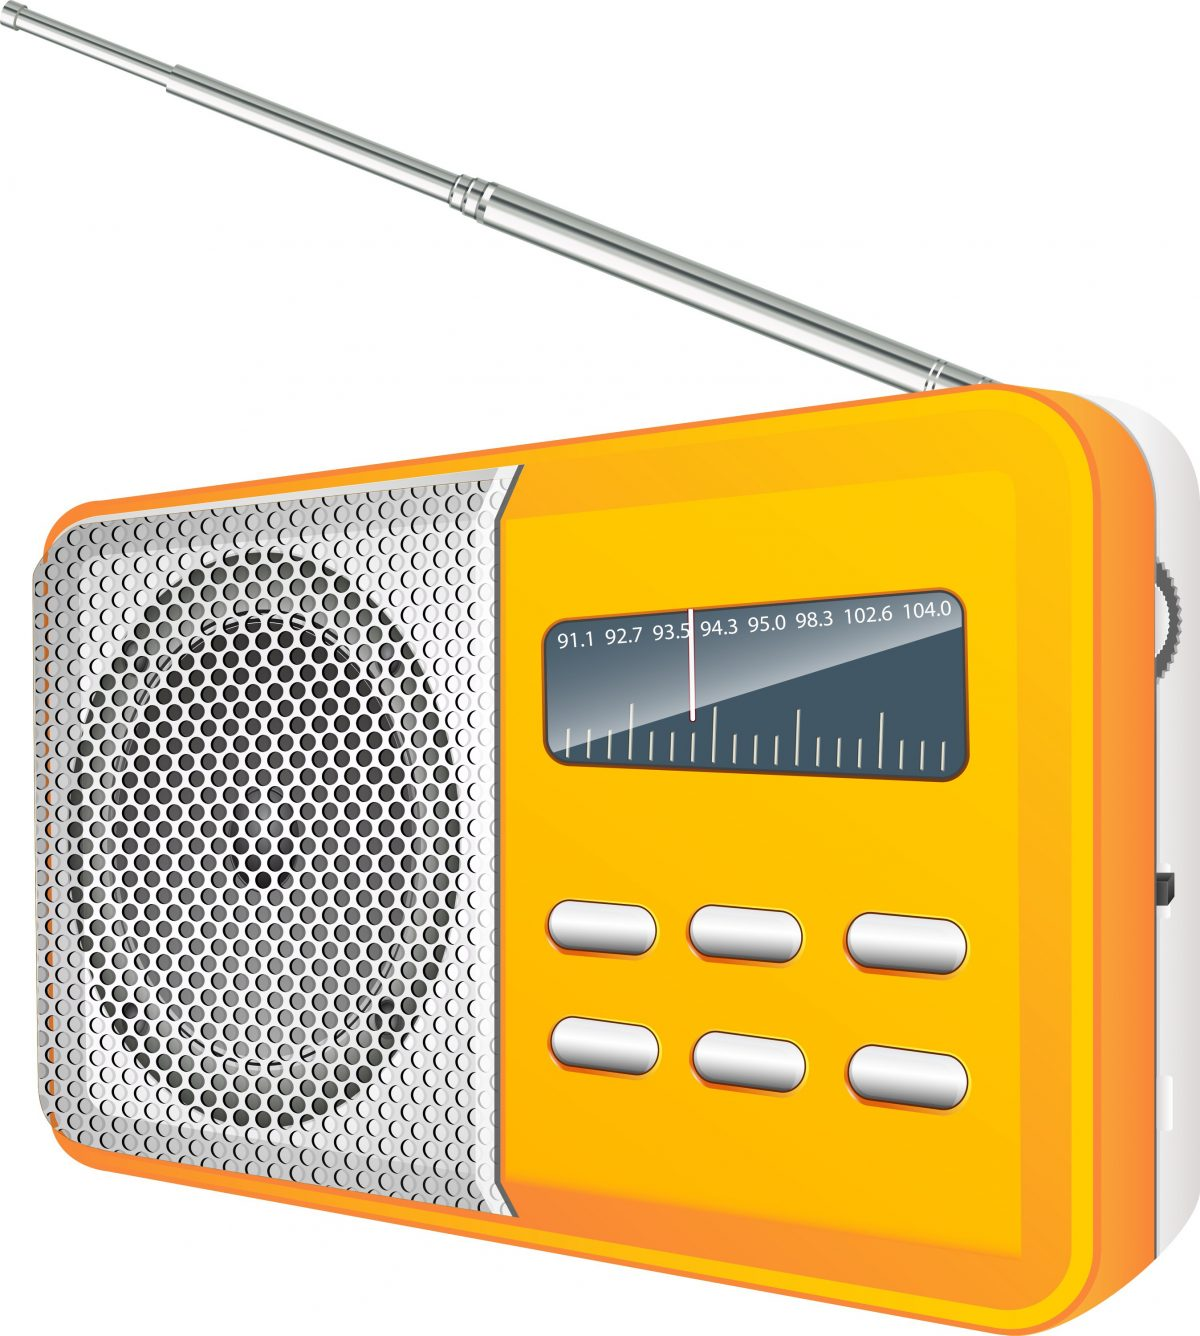 ラジオパーソナリティになるメリット